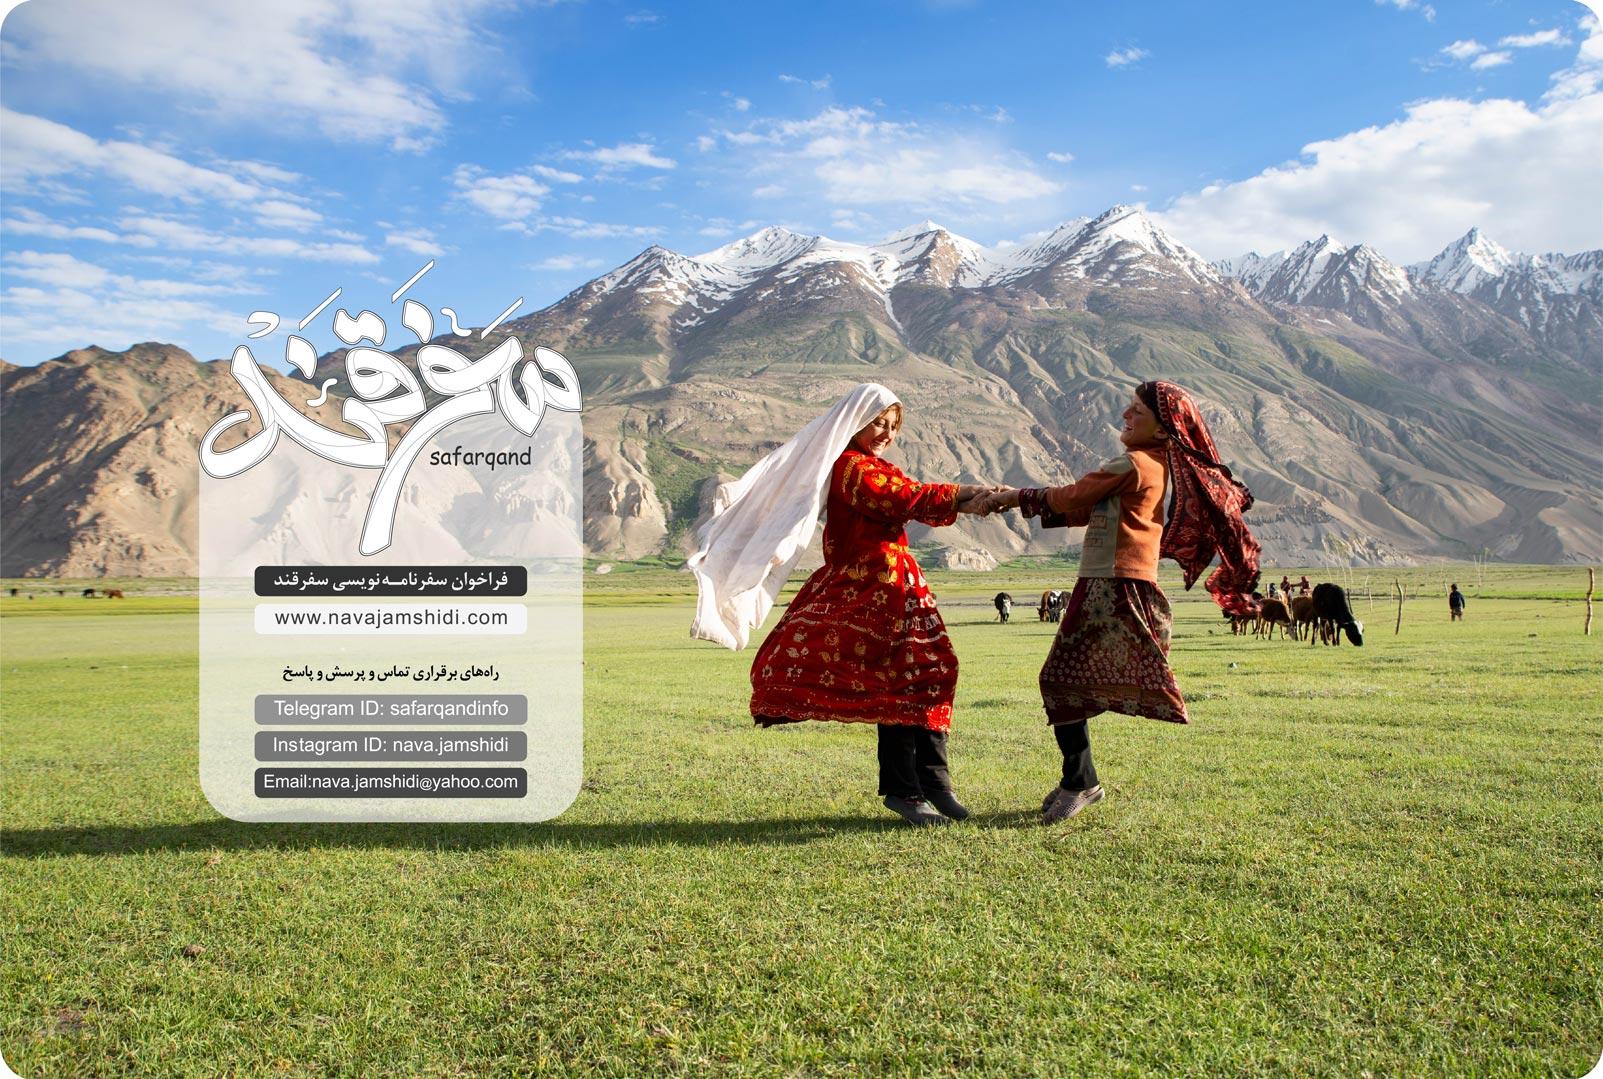 فراخوان سفرنامه نویسی سفرقند افغانستان